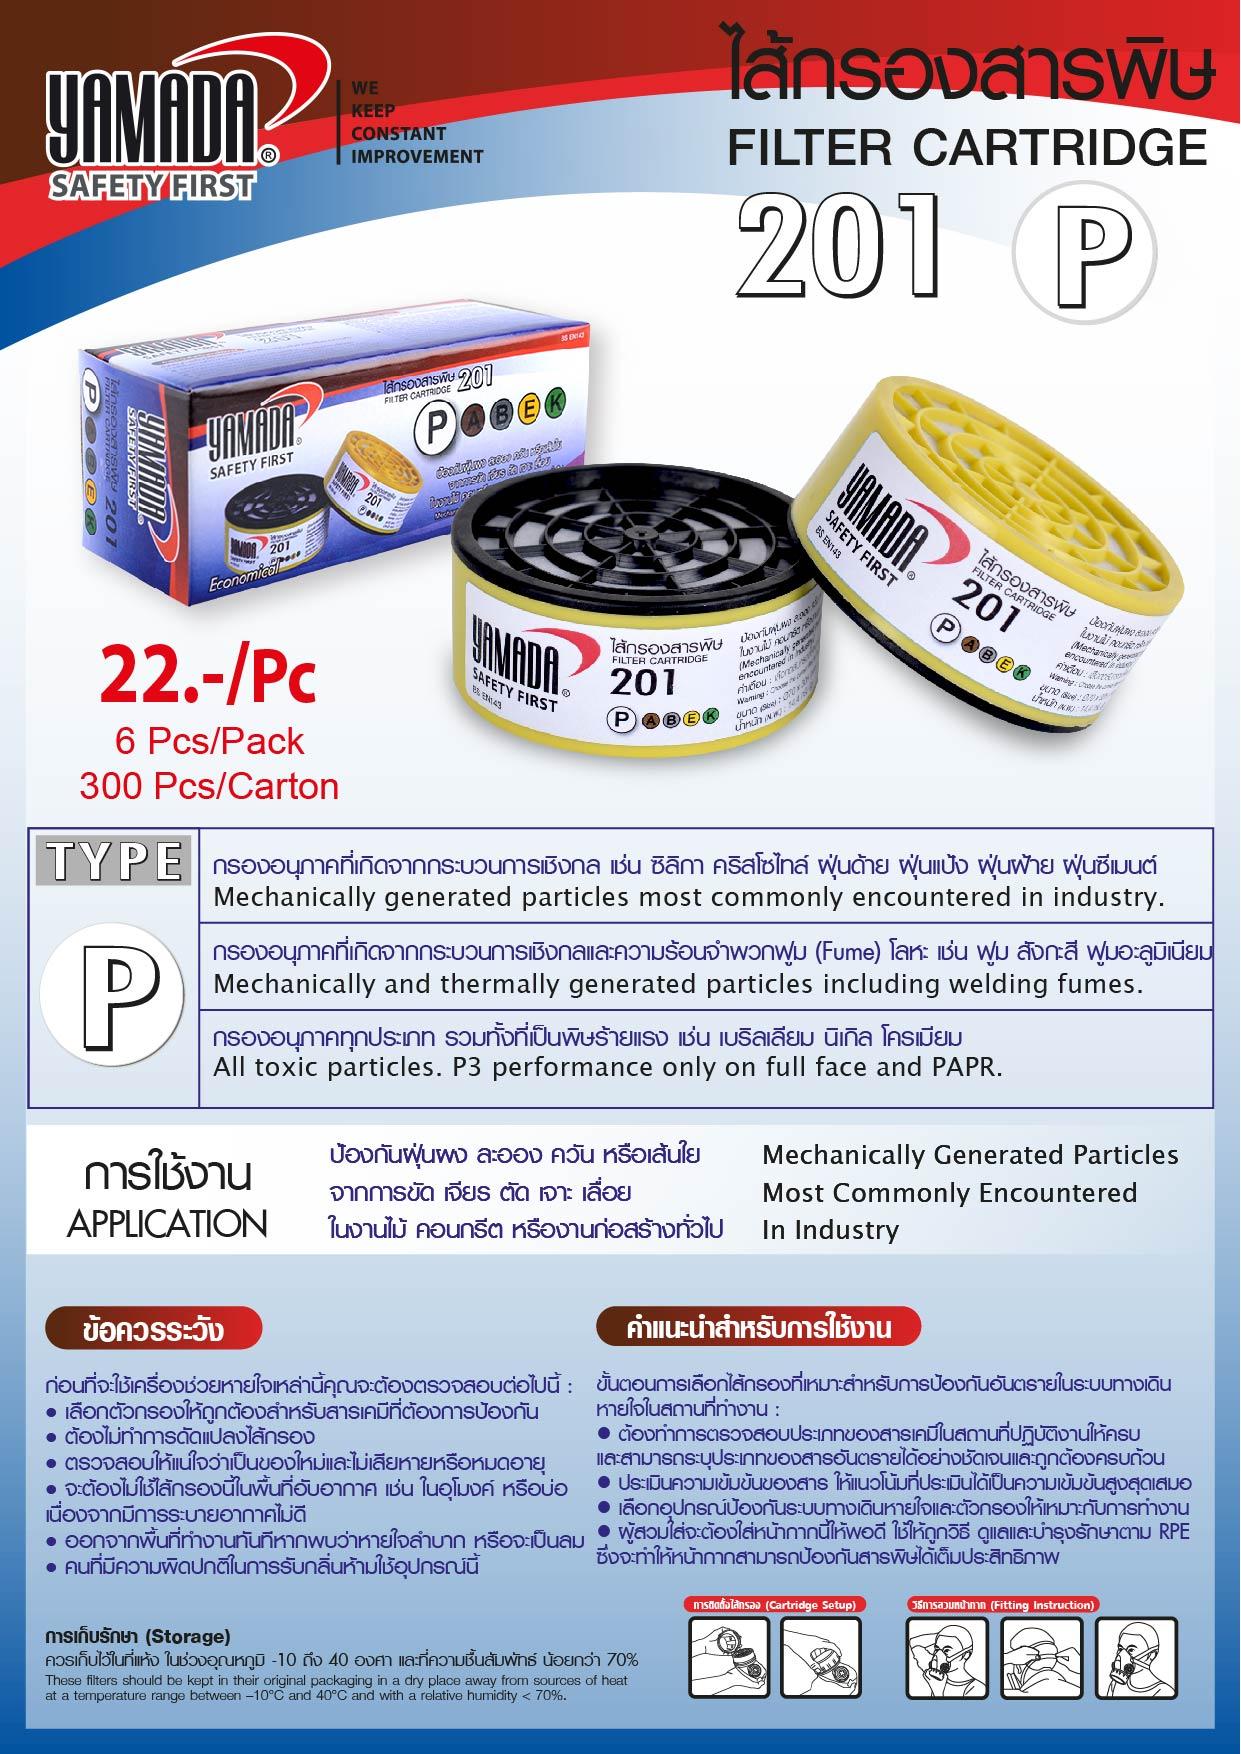 (43/271) ไส้กรองสารพิษ 201 TYPE P / Filter Cartridge